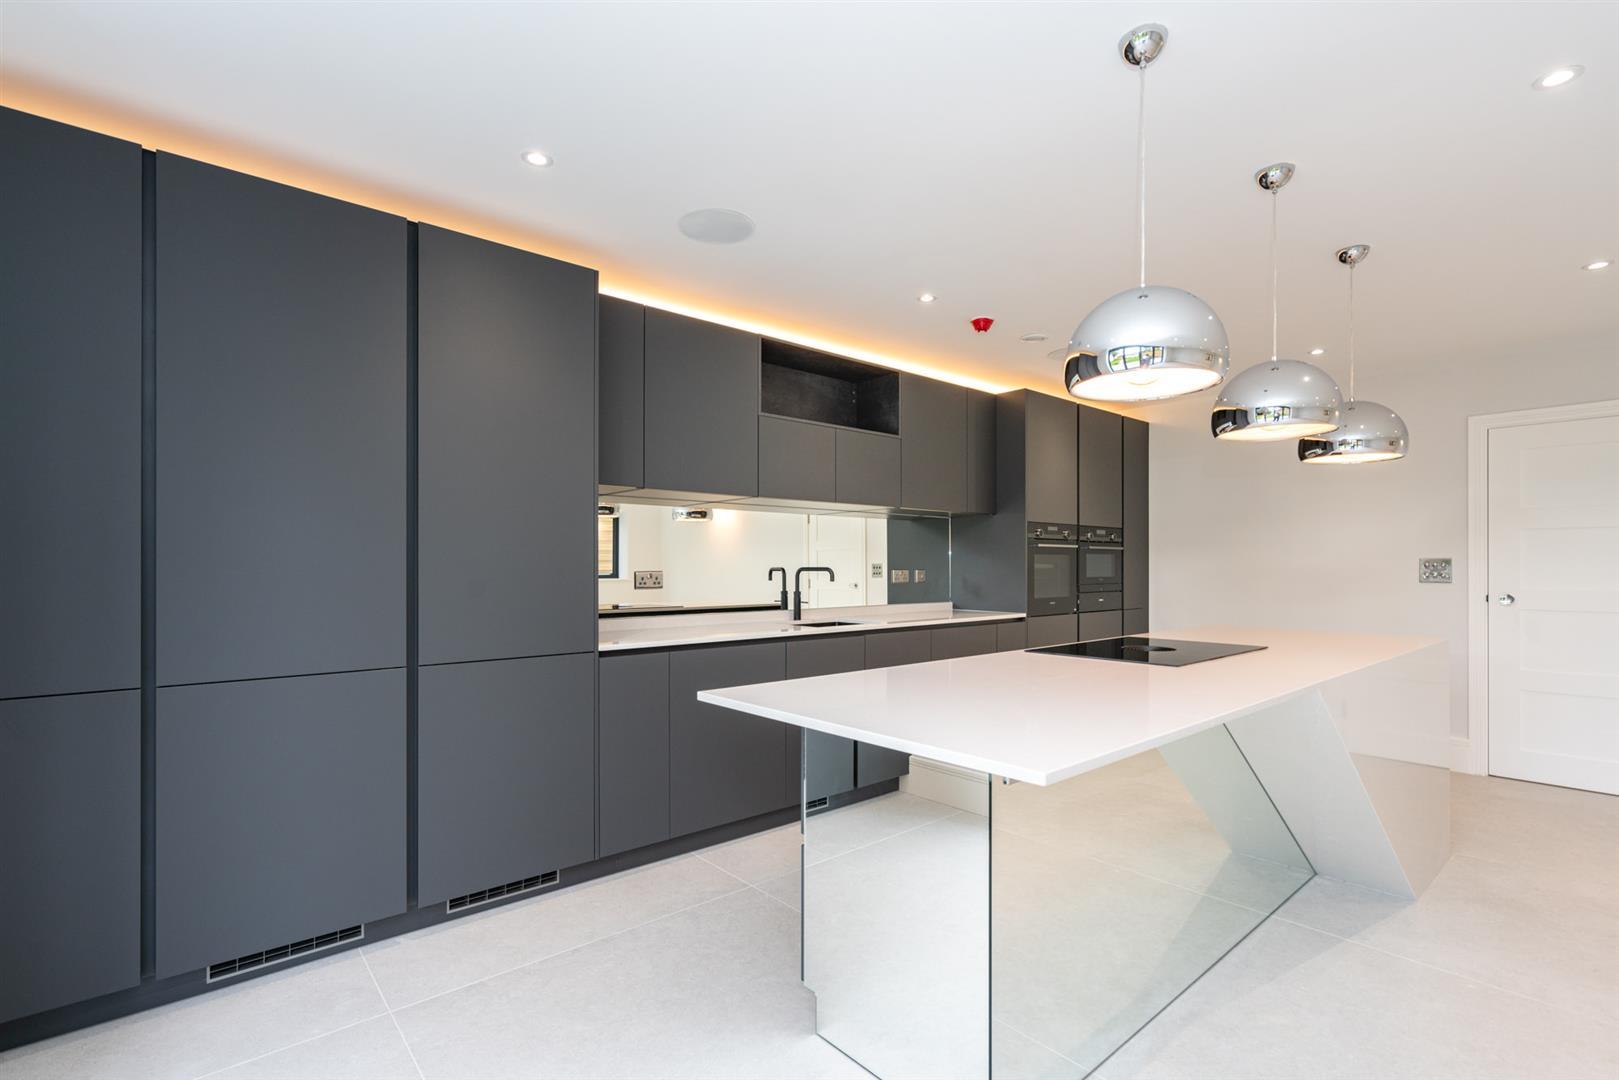 Hillcrest-3153 - kitchen.jpg